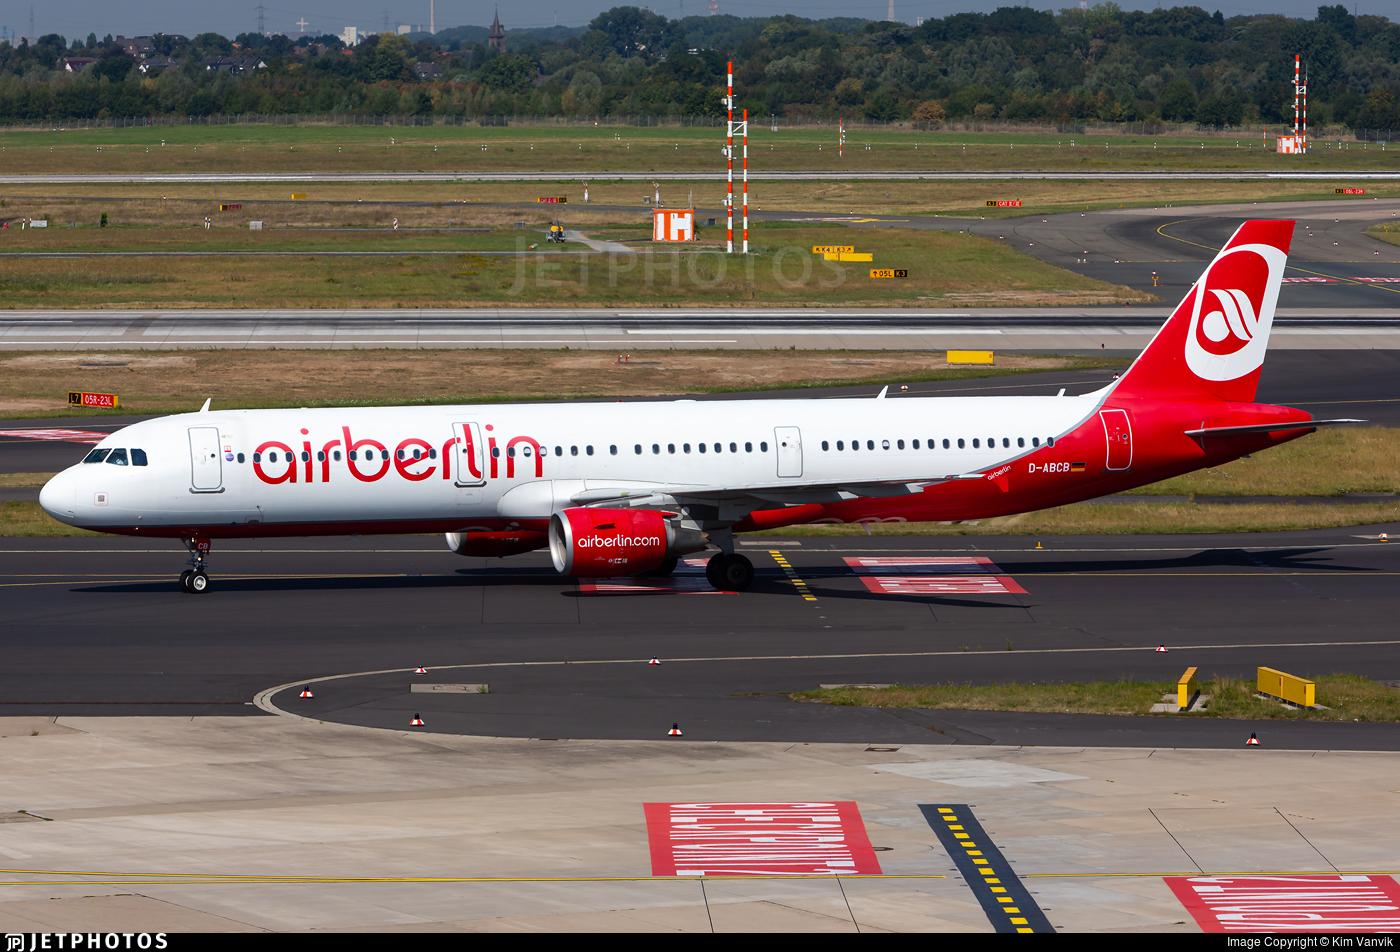 D-ABCB - Airbus A321-211 - Air Berlin